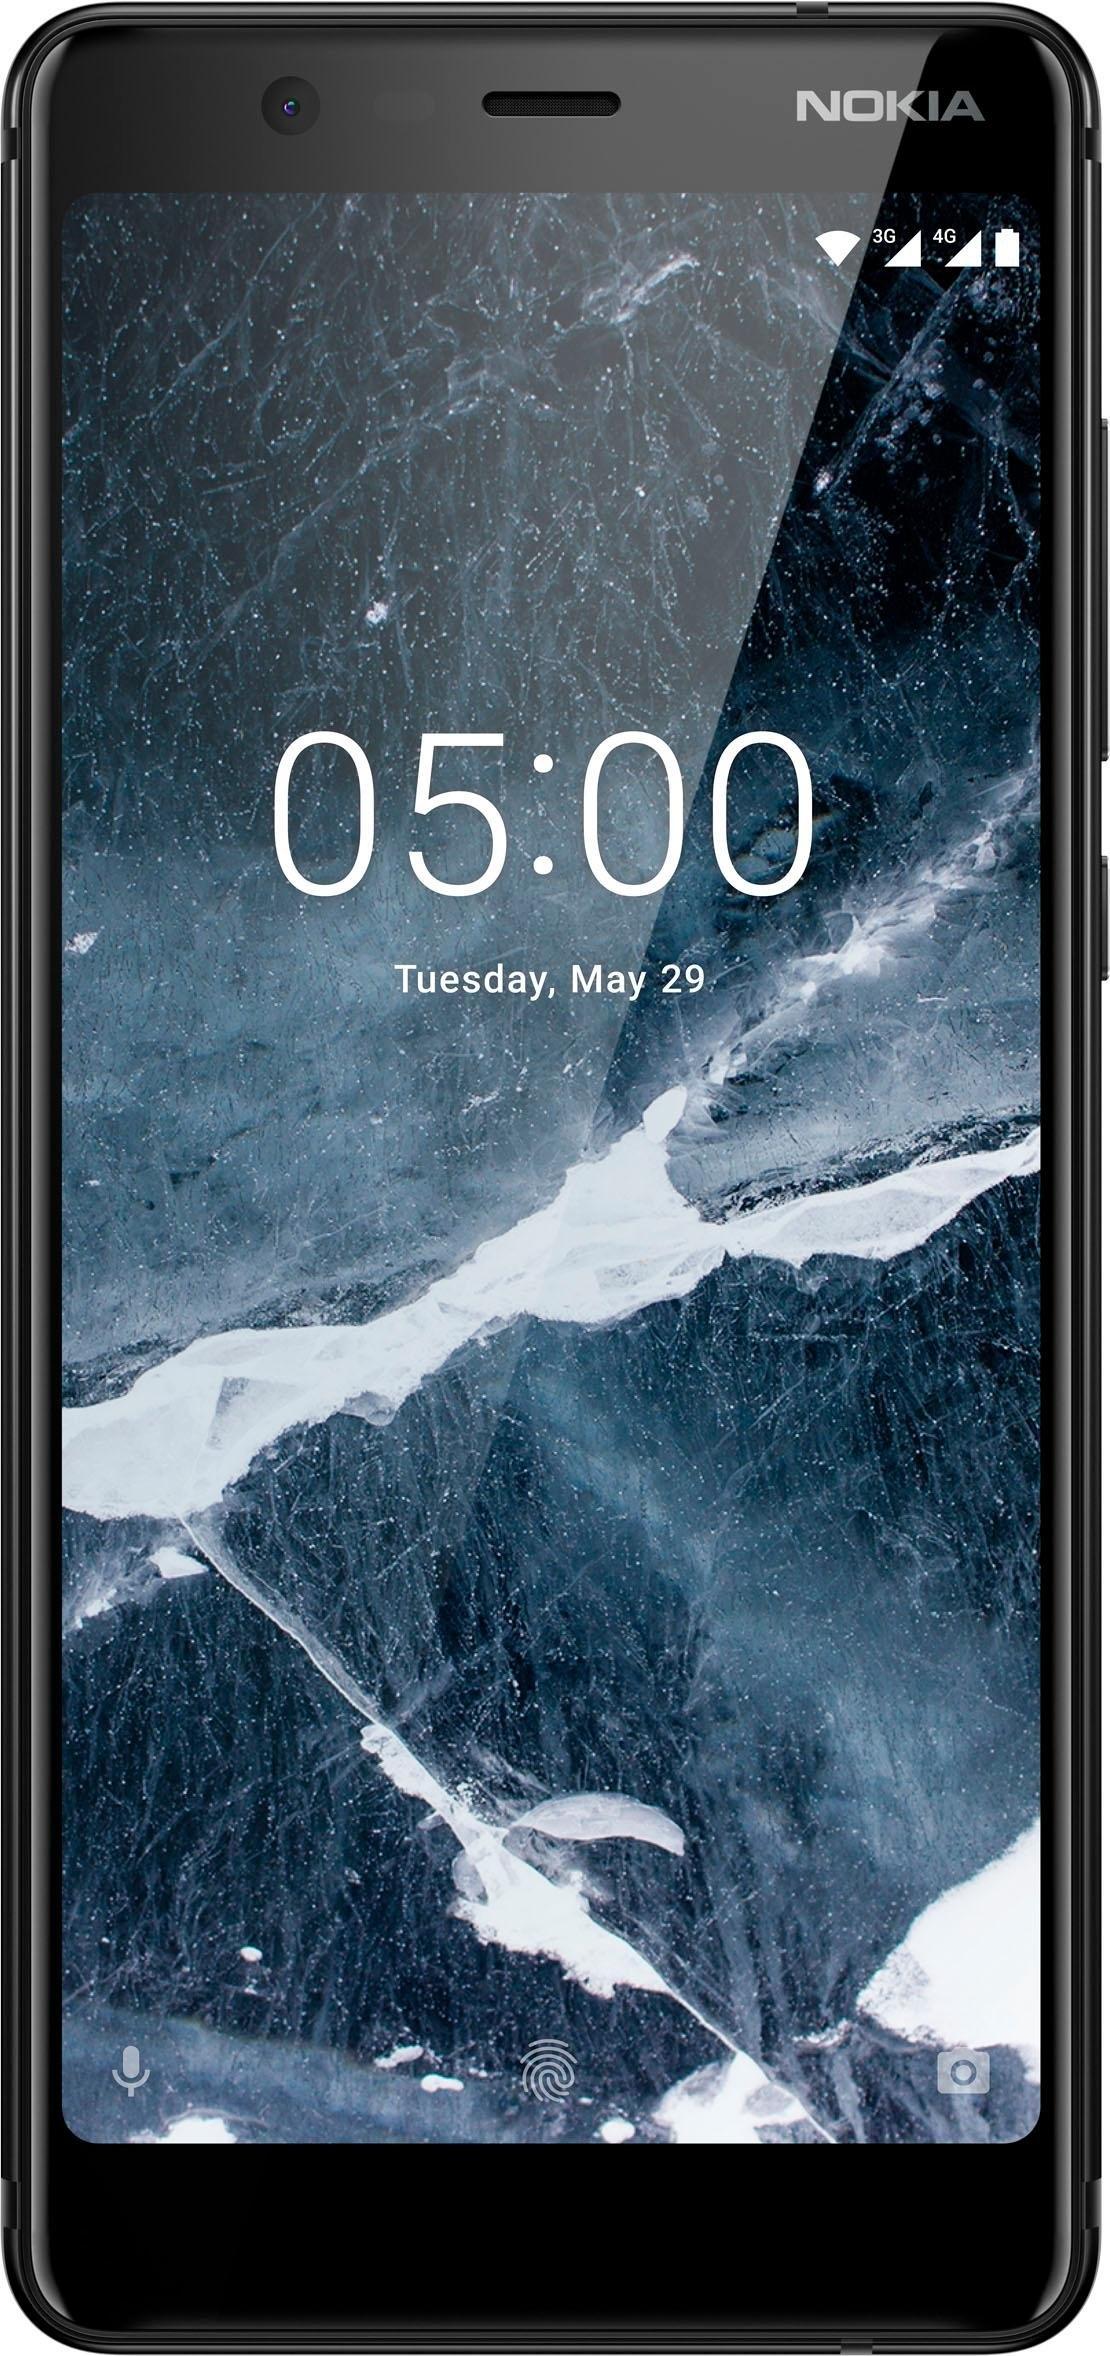 Nokia 5.1 (2018) - dualsim-smartphone (13,97 cm / 5,5 inch, 16 GB, 16 MP-camera) - verschillende betaalmethodes